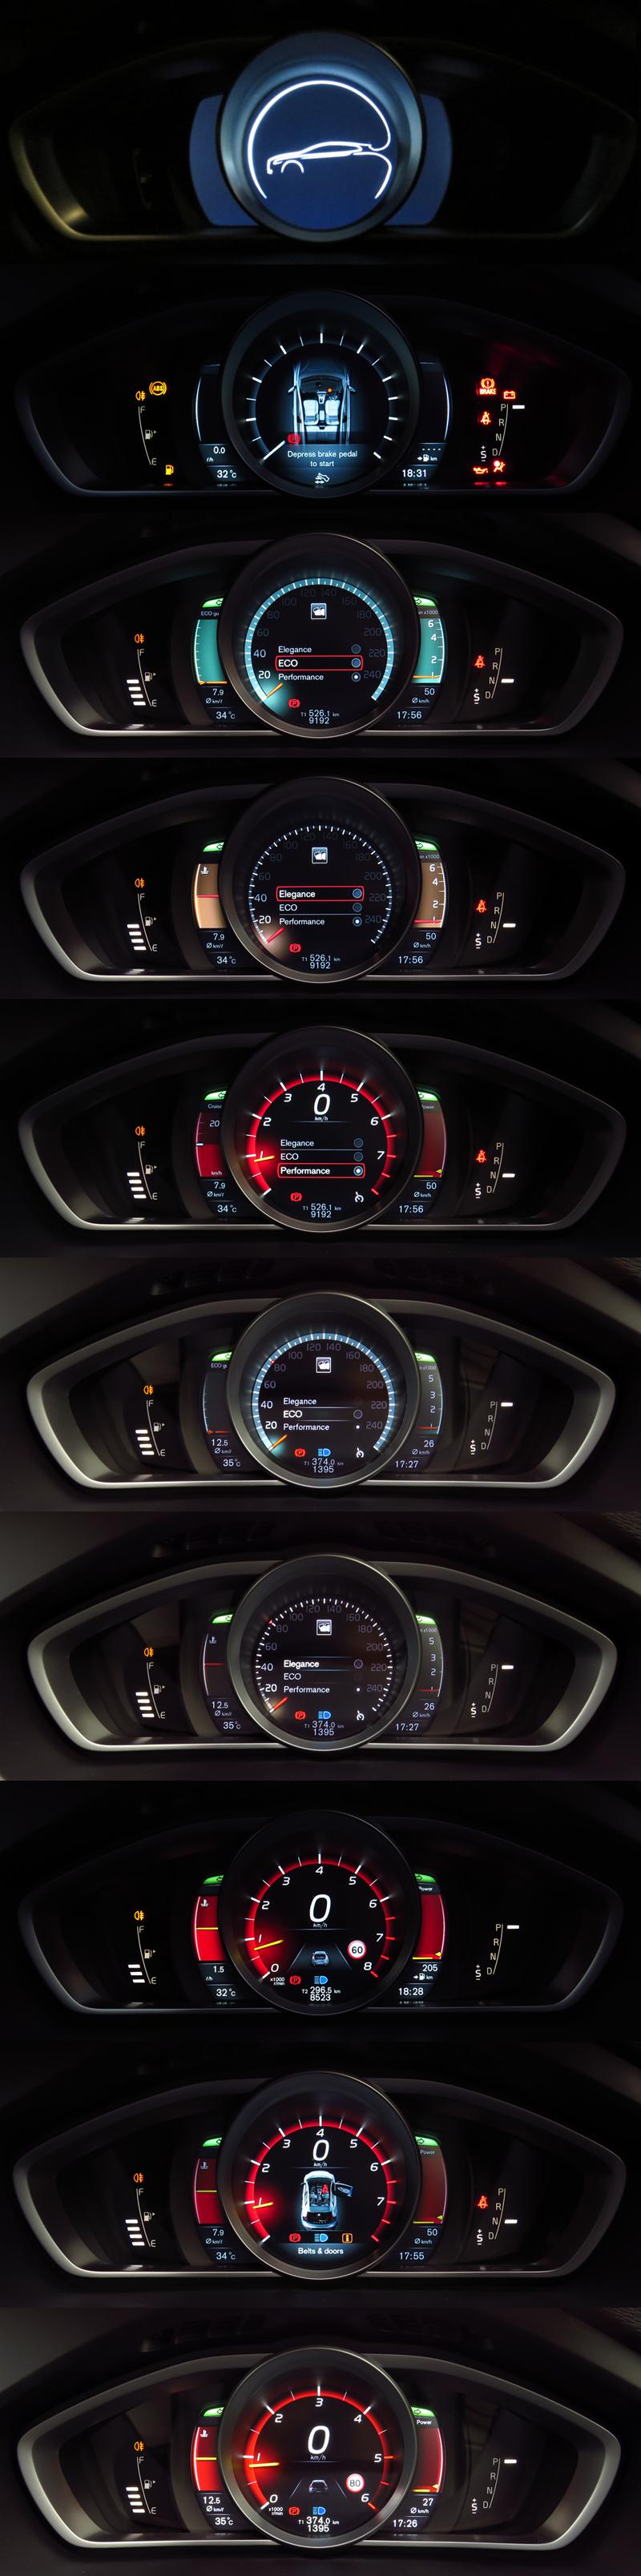 2014_Volvo_V40_Interior_12